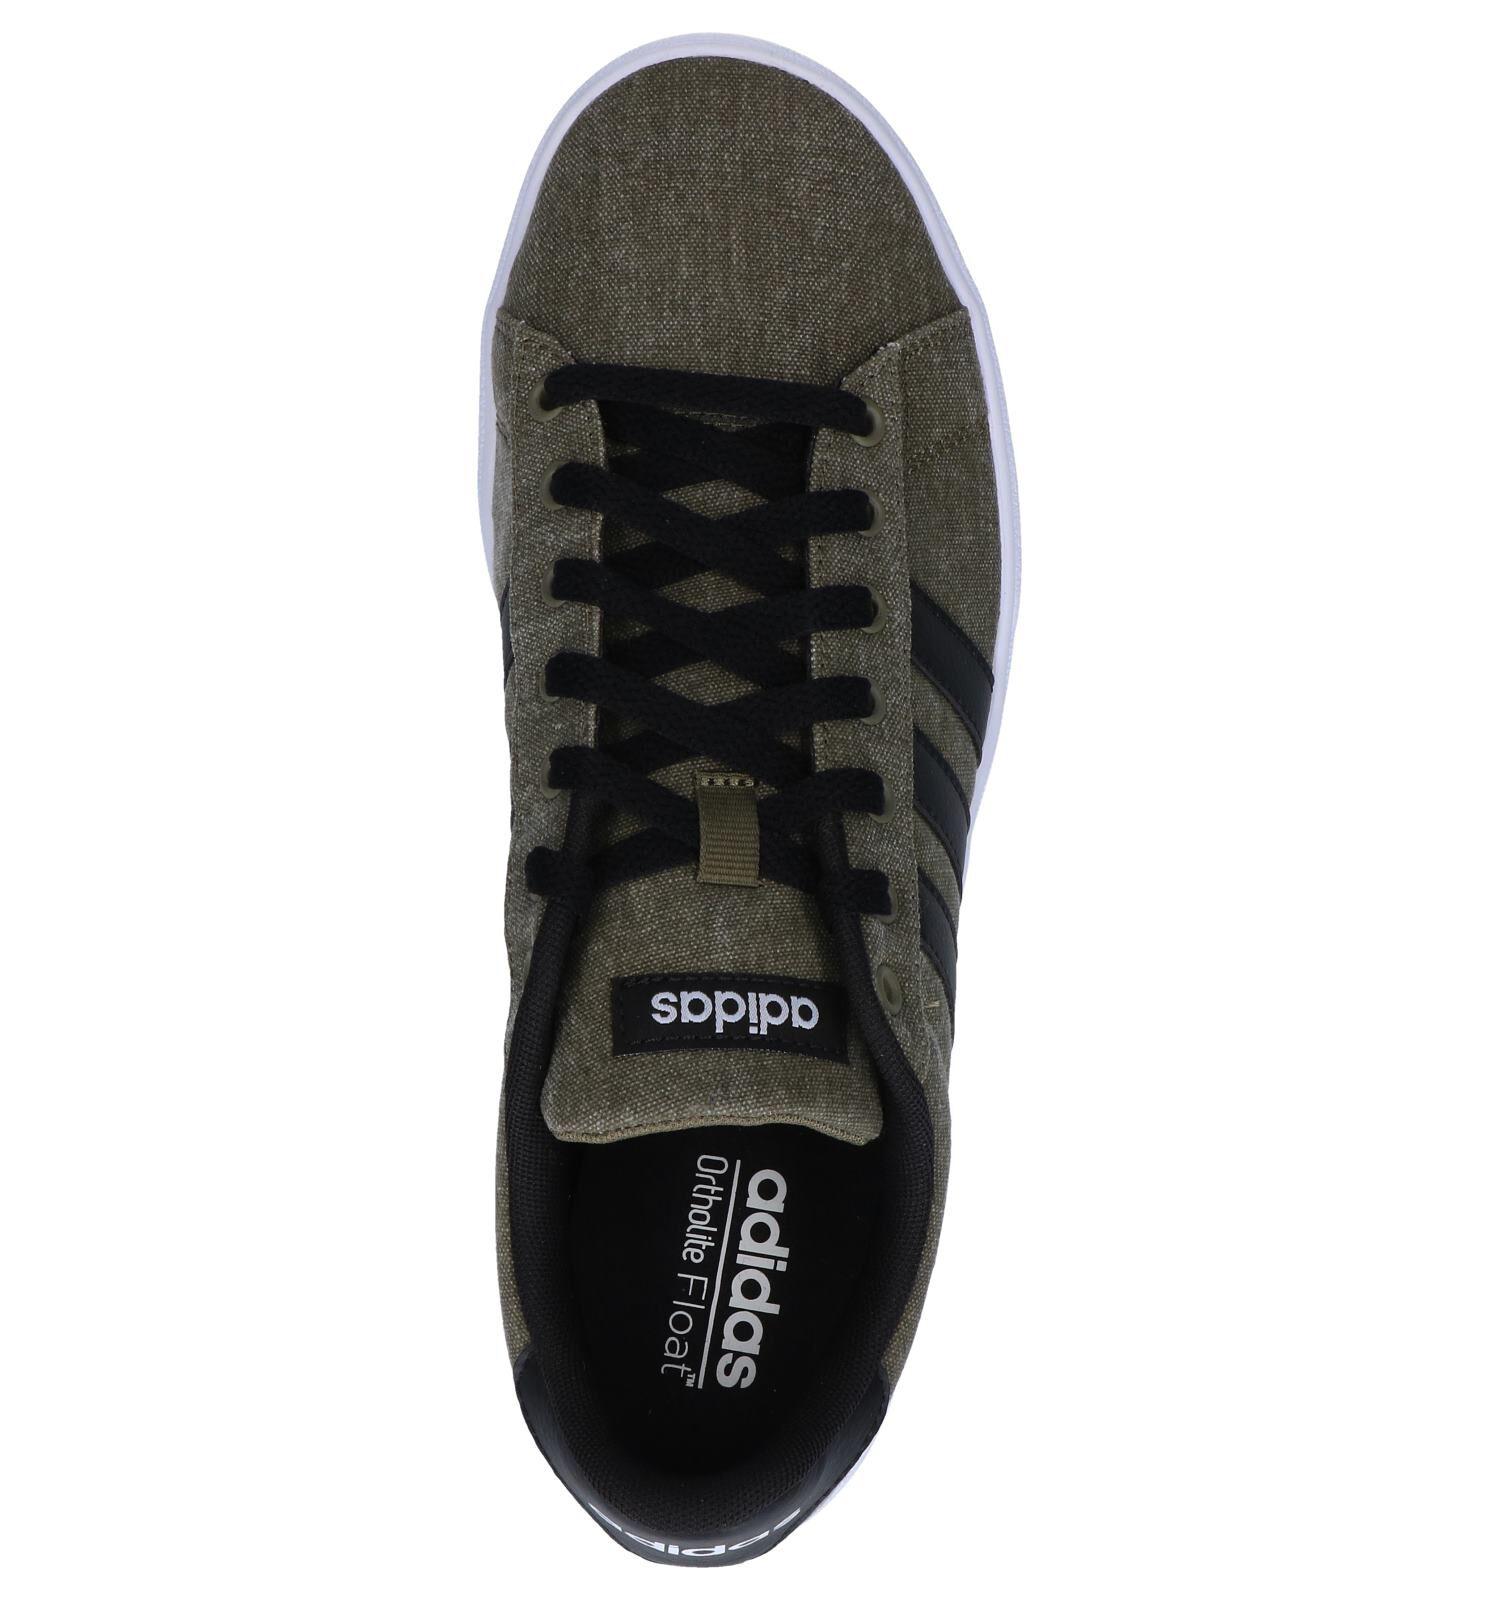 Kaki adidas Daily 2.0 Sneakers